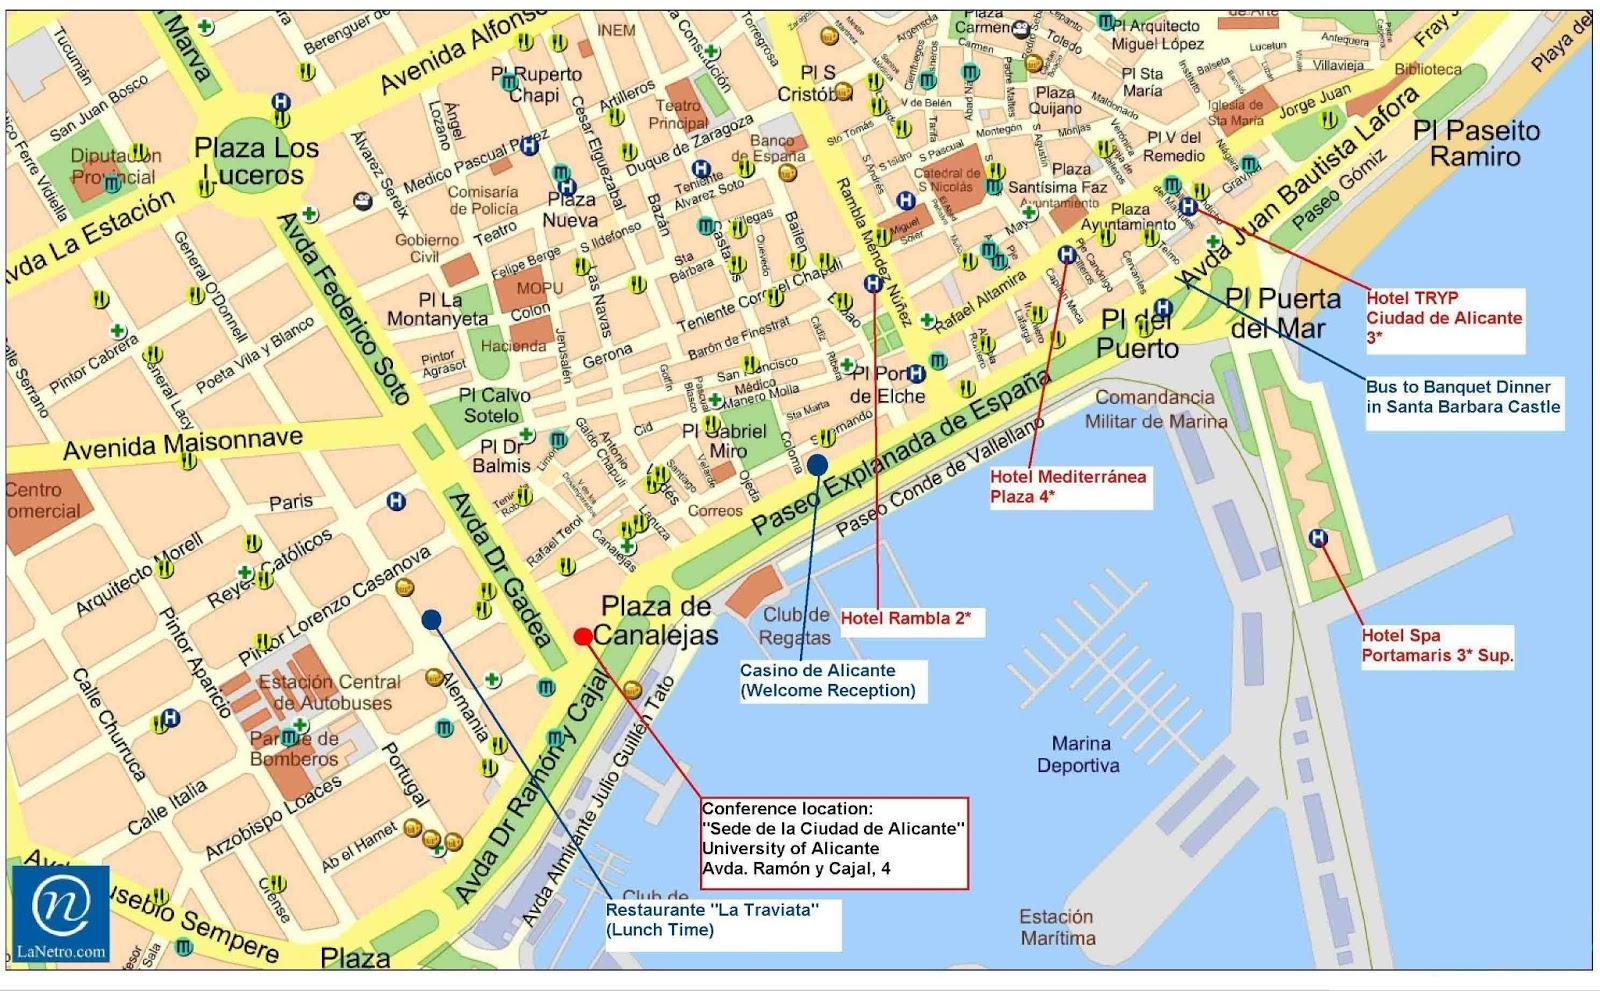 mapa praias espanha Mapas de Alicante   Espanha | MapasBlog mapa praias espanha